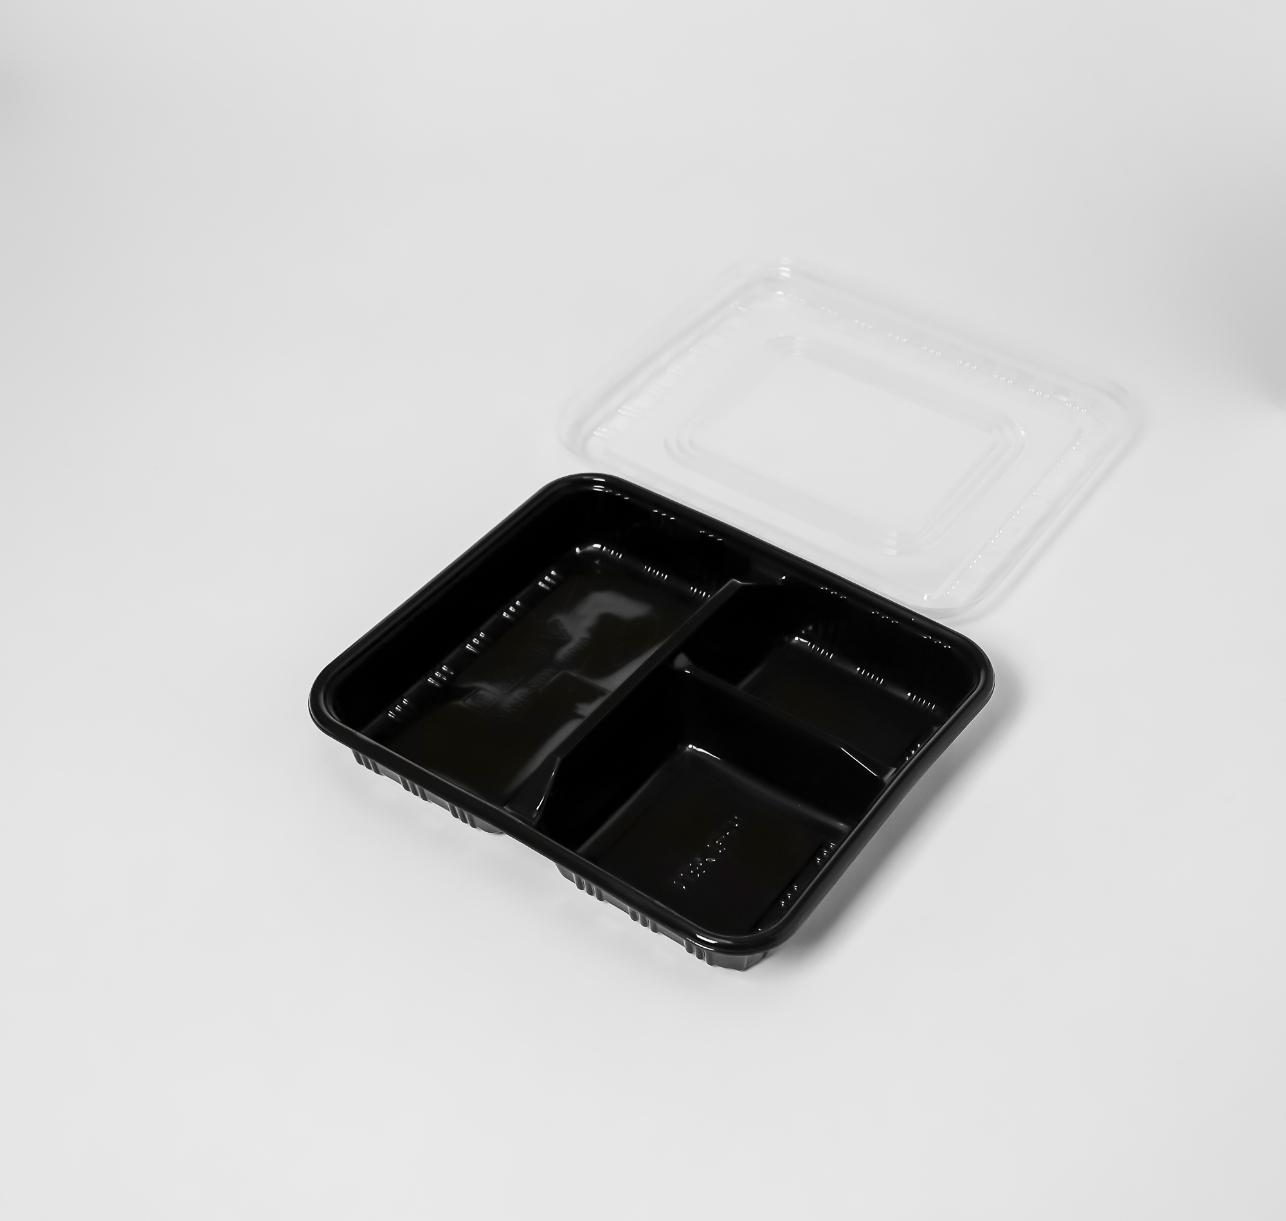 กล่องอาหารพลาสติก 3 ช่อง 800ml (ช่องตรง)